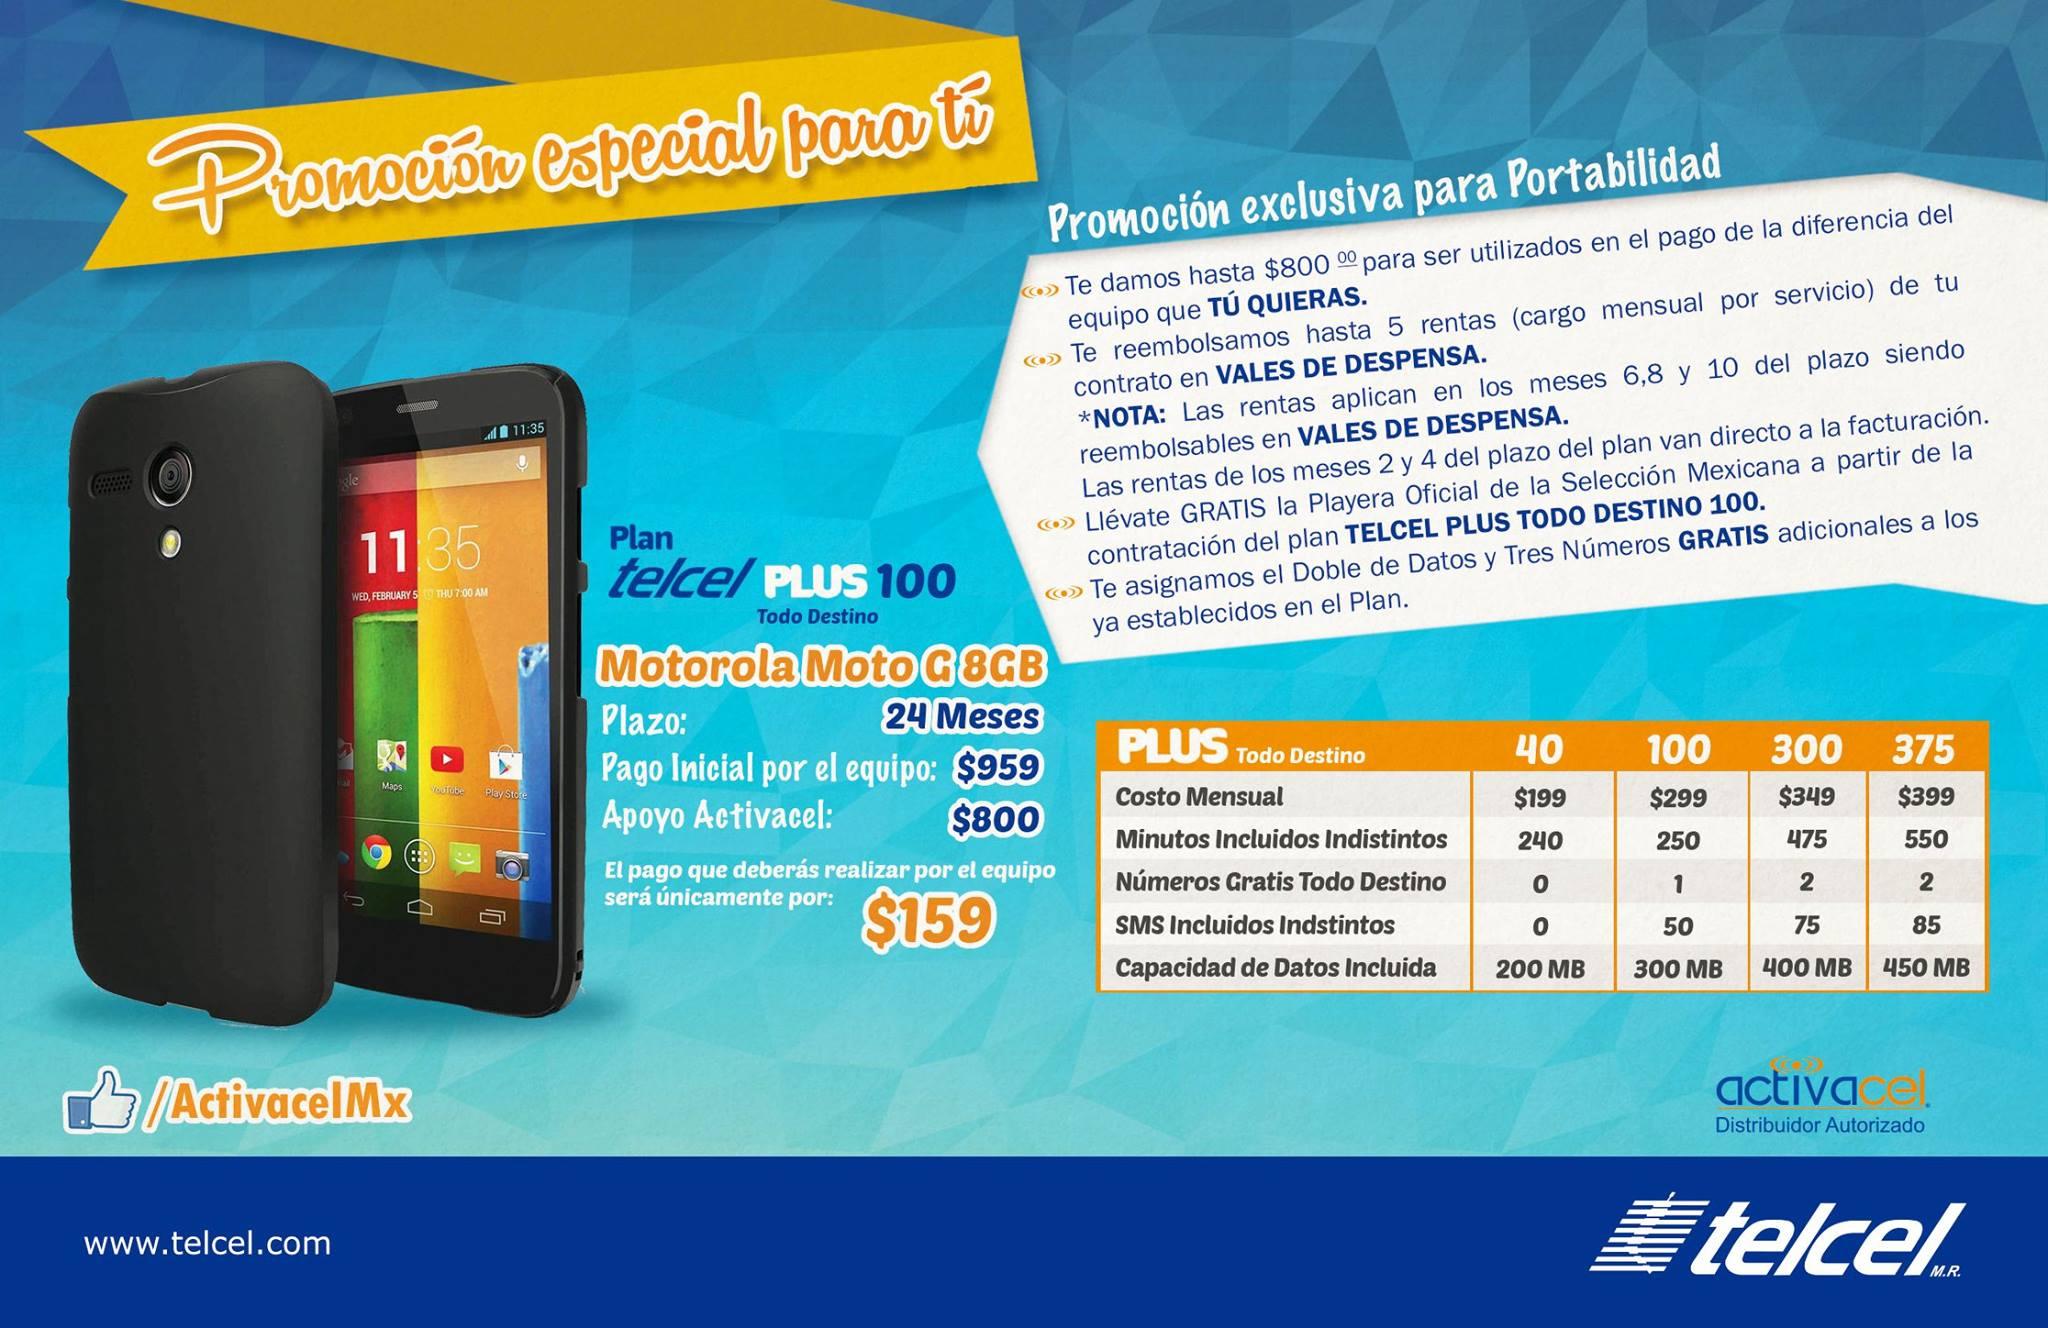 Telcel: $800 para un equipo  + 5 rentas + doble MB + 3 números gratis extras + 1,000 mensajes +  playera de la selección